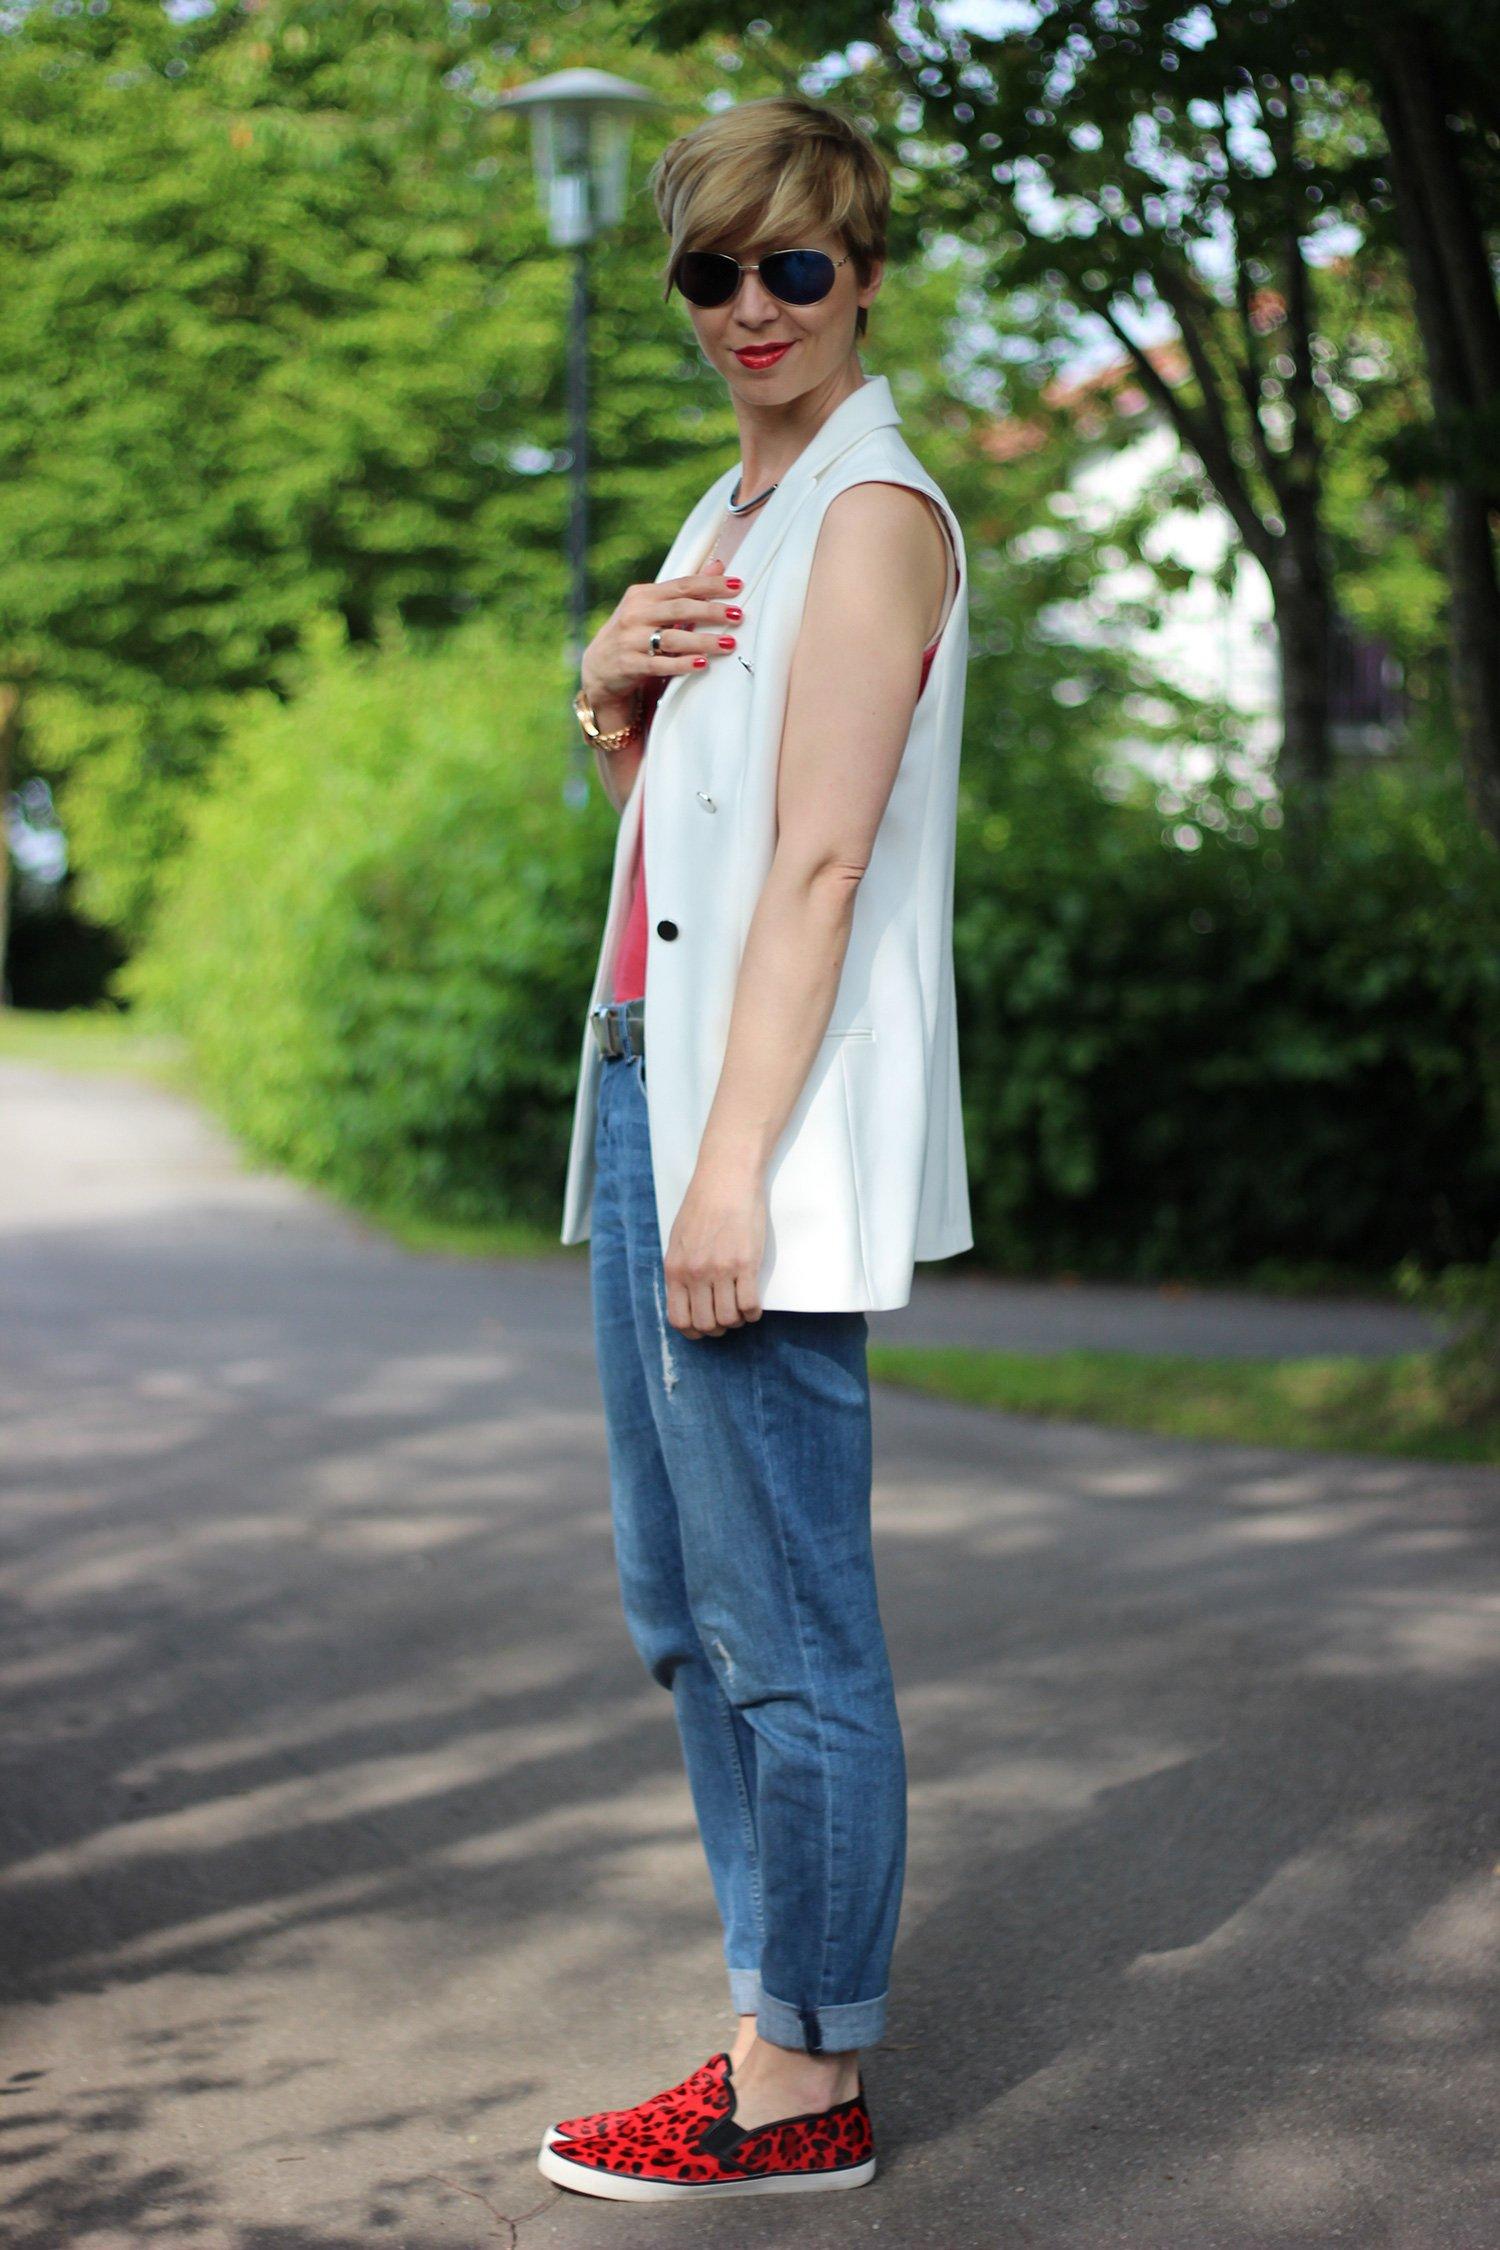 IMG_6834a_weisseWeste_WhiteVest_redleo_Sneaker_Boyfriend_MarcoPolo_H&M